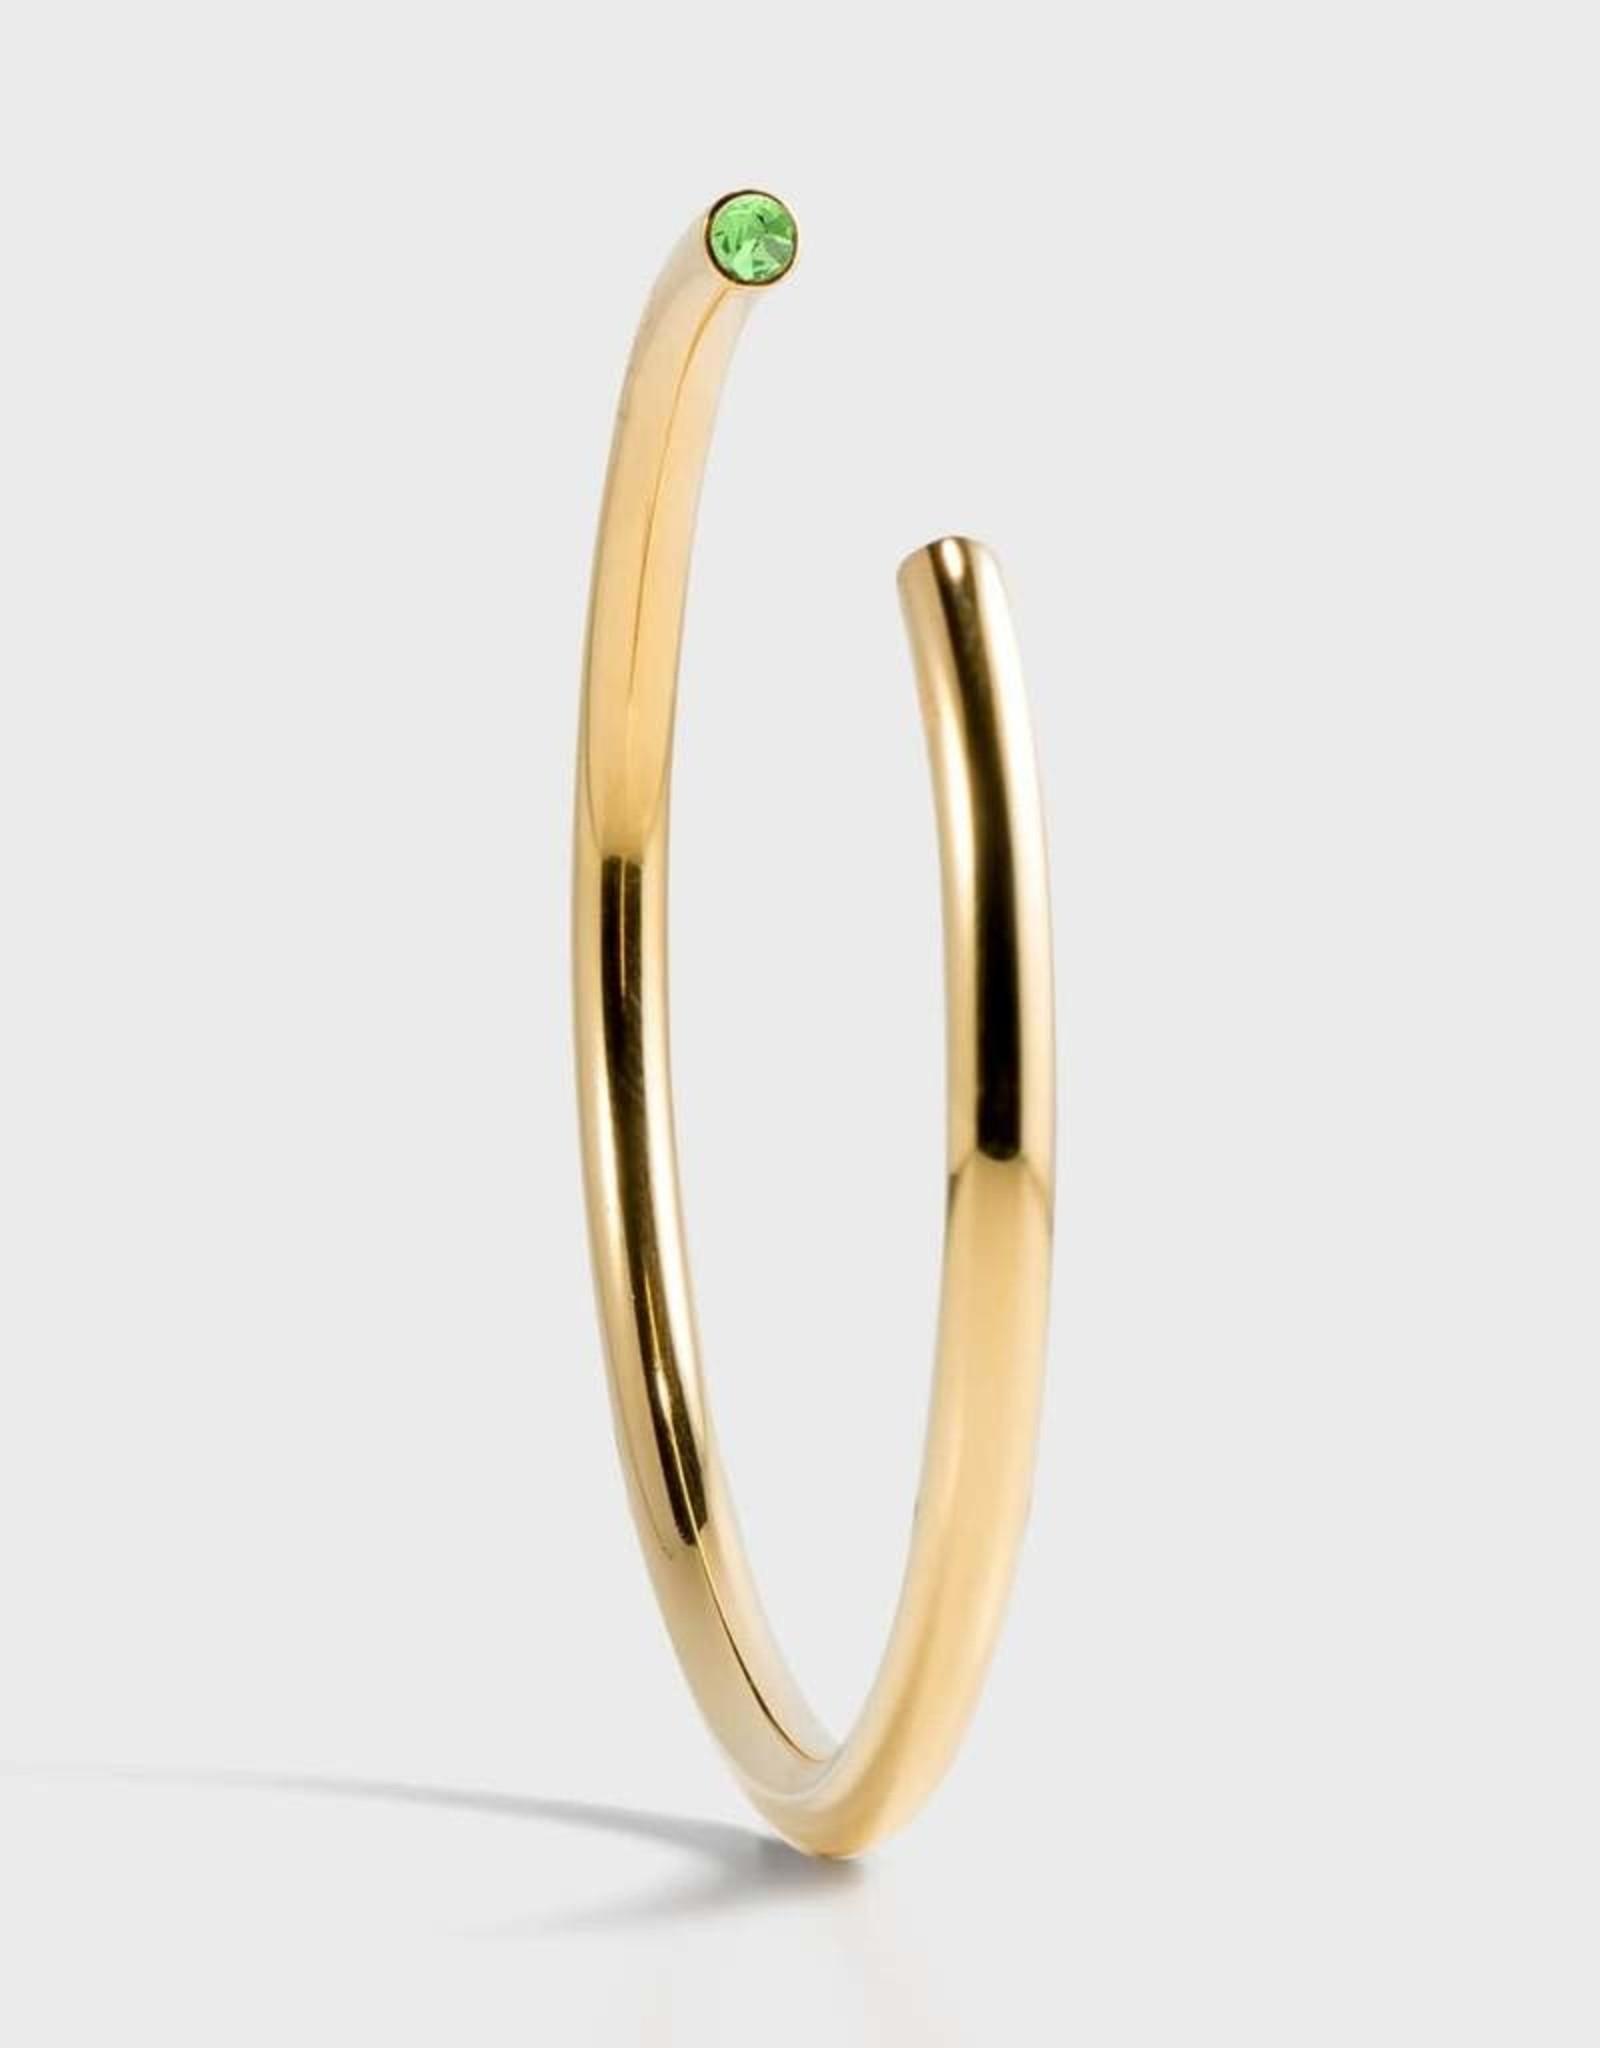 Stella Vale Birthstone Bracelet - August/Gold